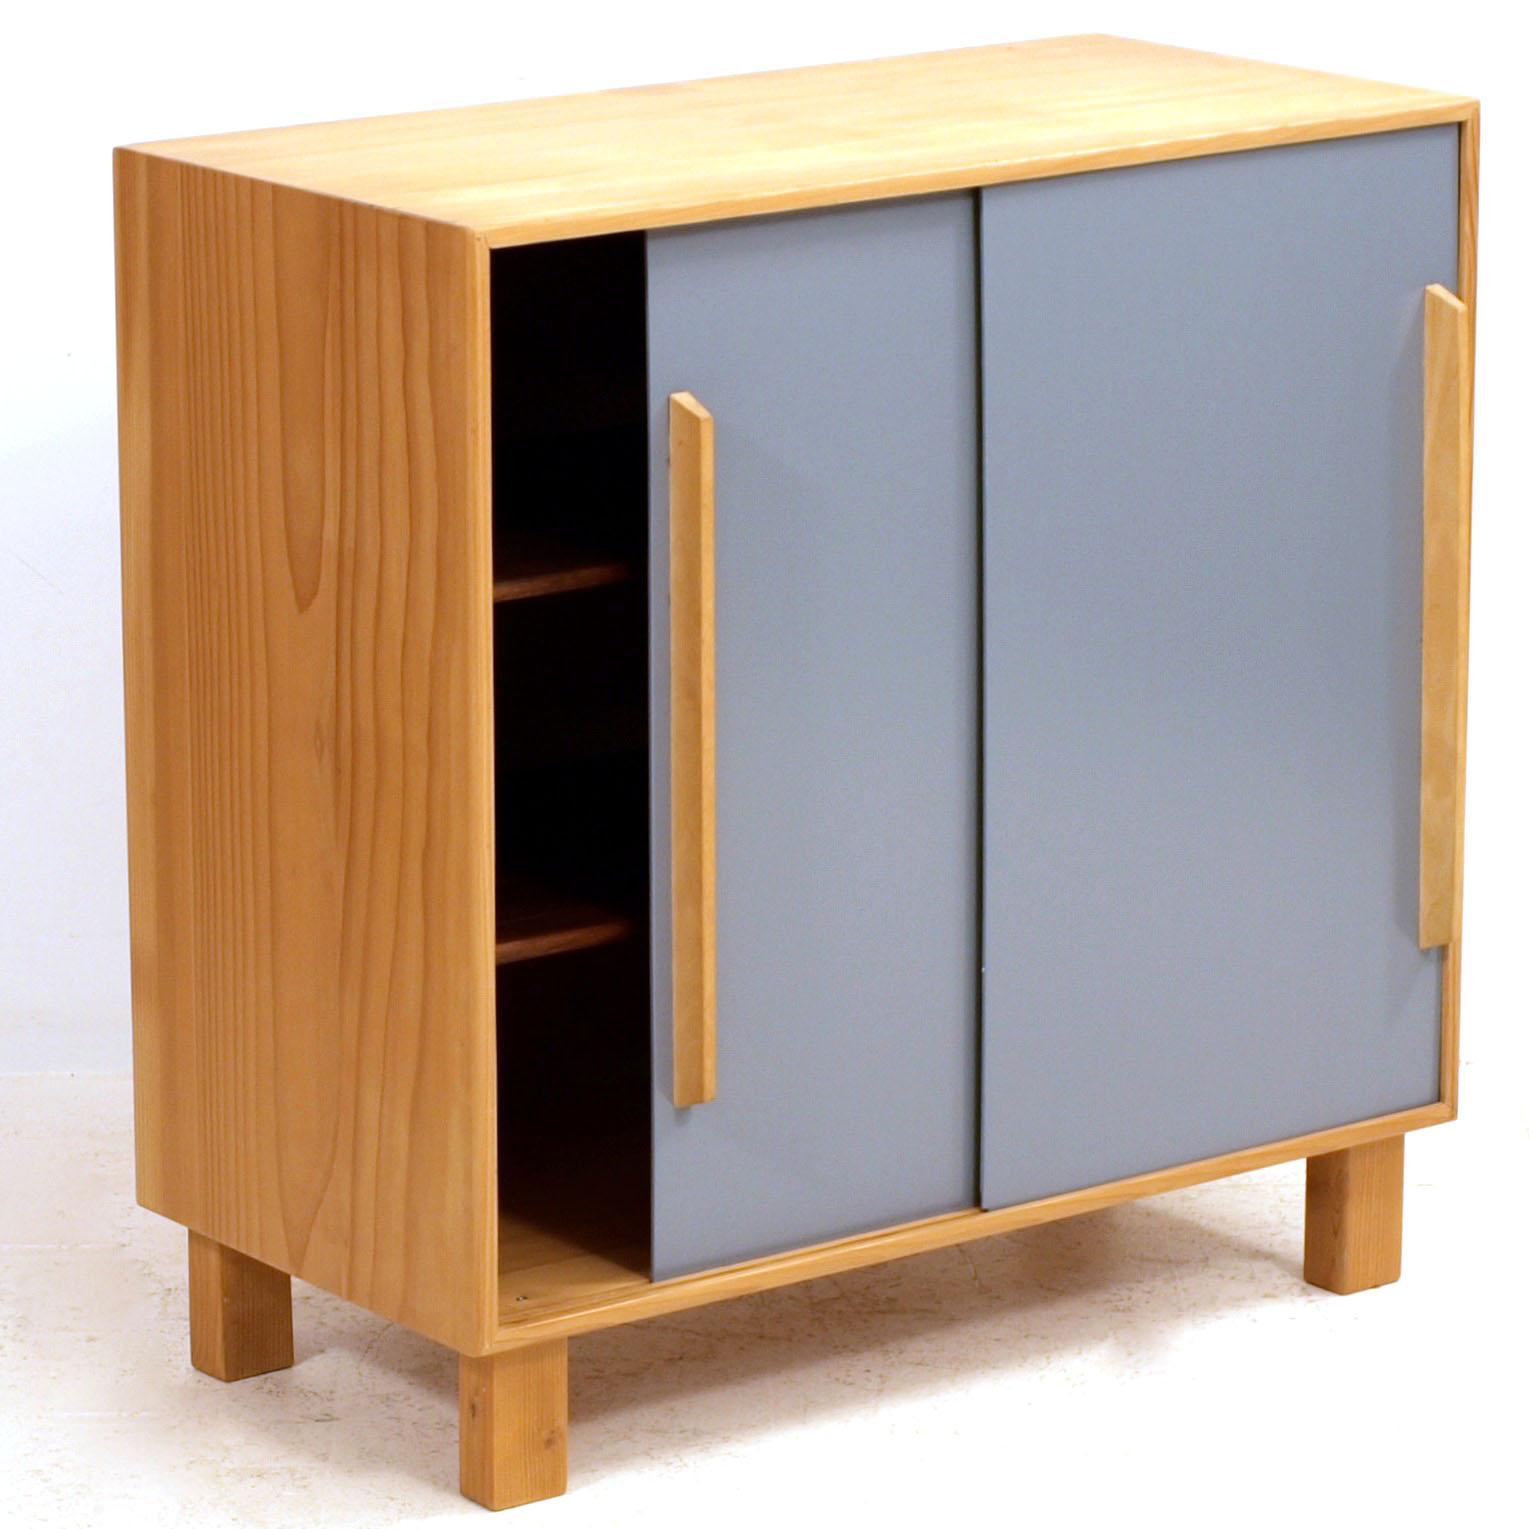 schiebeschrank geschliffen und lackiert m bel z rich vintagem bel. Black Bedroom Furniture Sets. Home Design Ideas